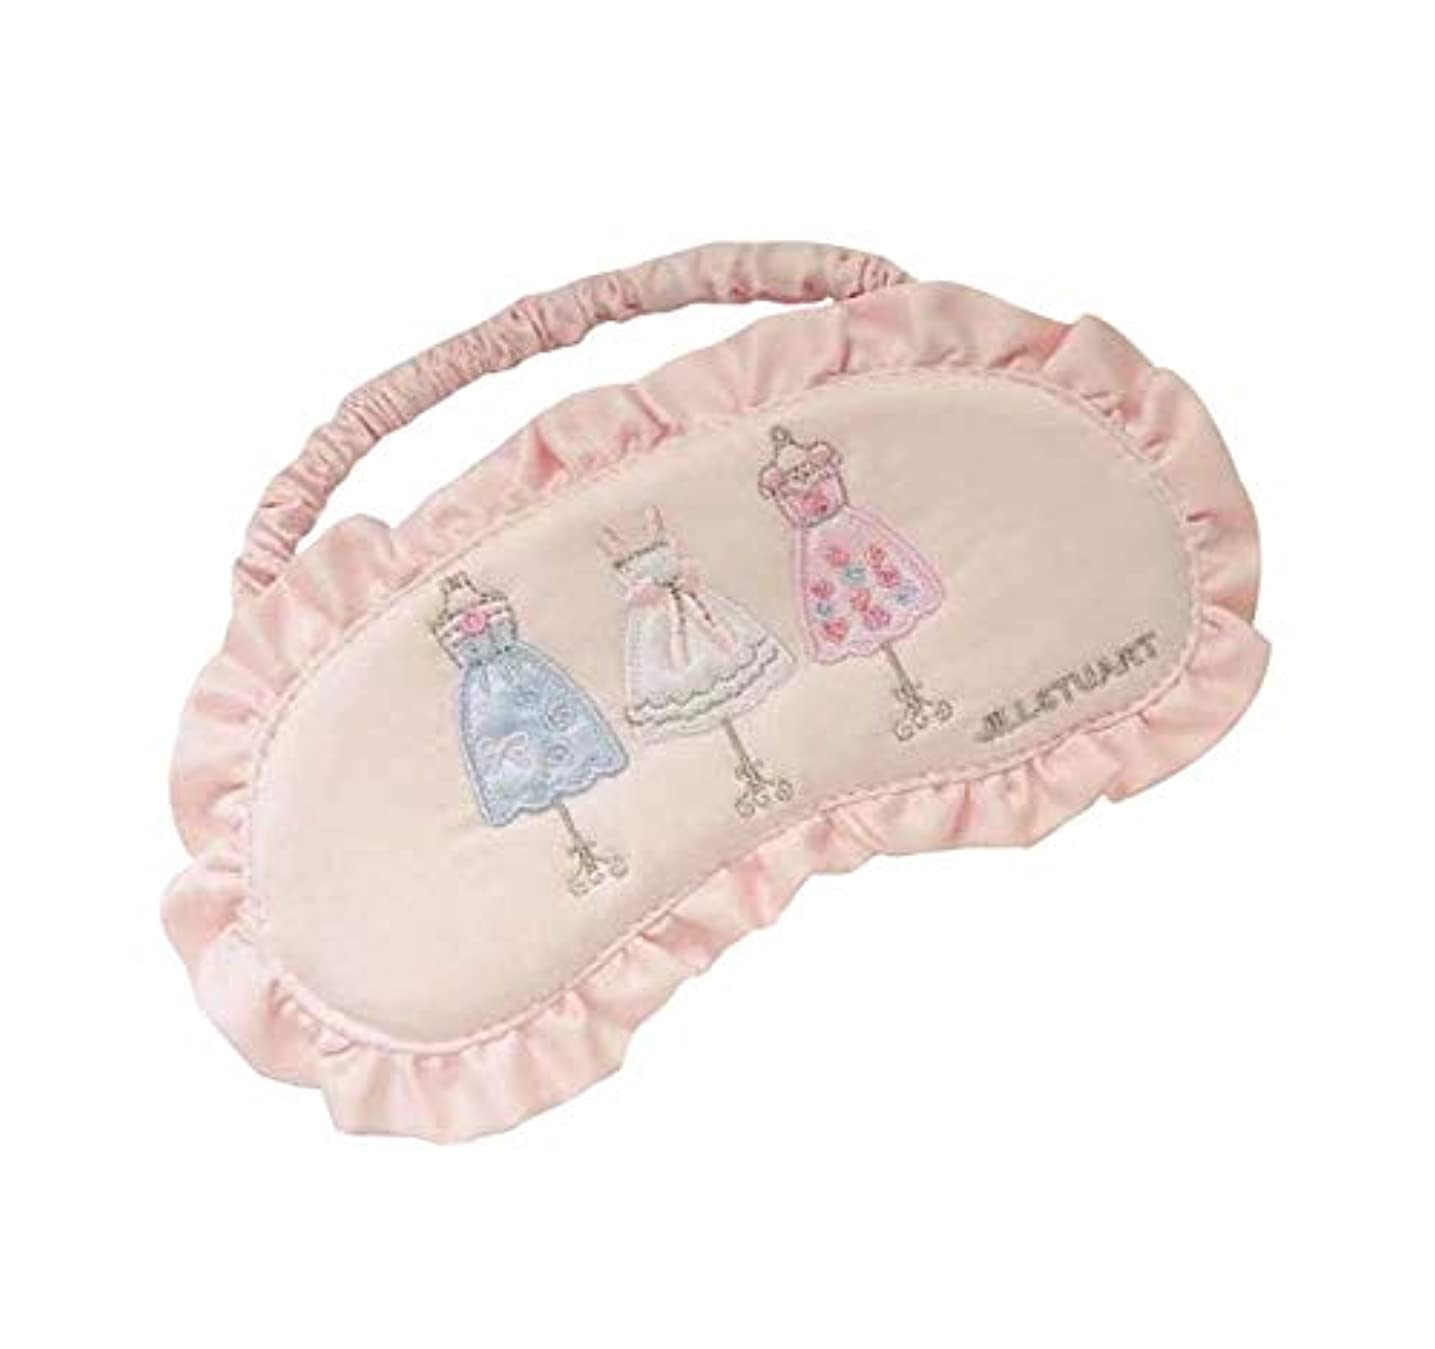 ピルファーセンチメートルミル柔らかいピンクの目マスクかわいい漫画睡眠目隠しアイカバー